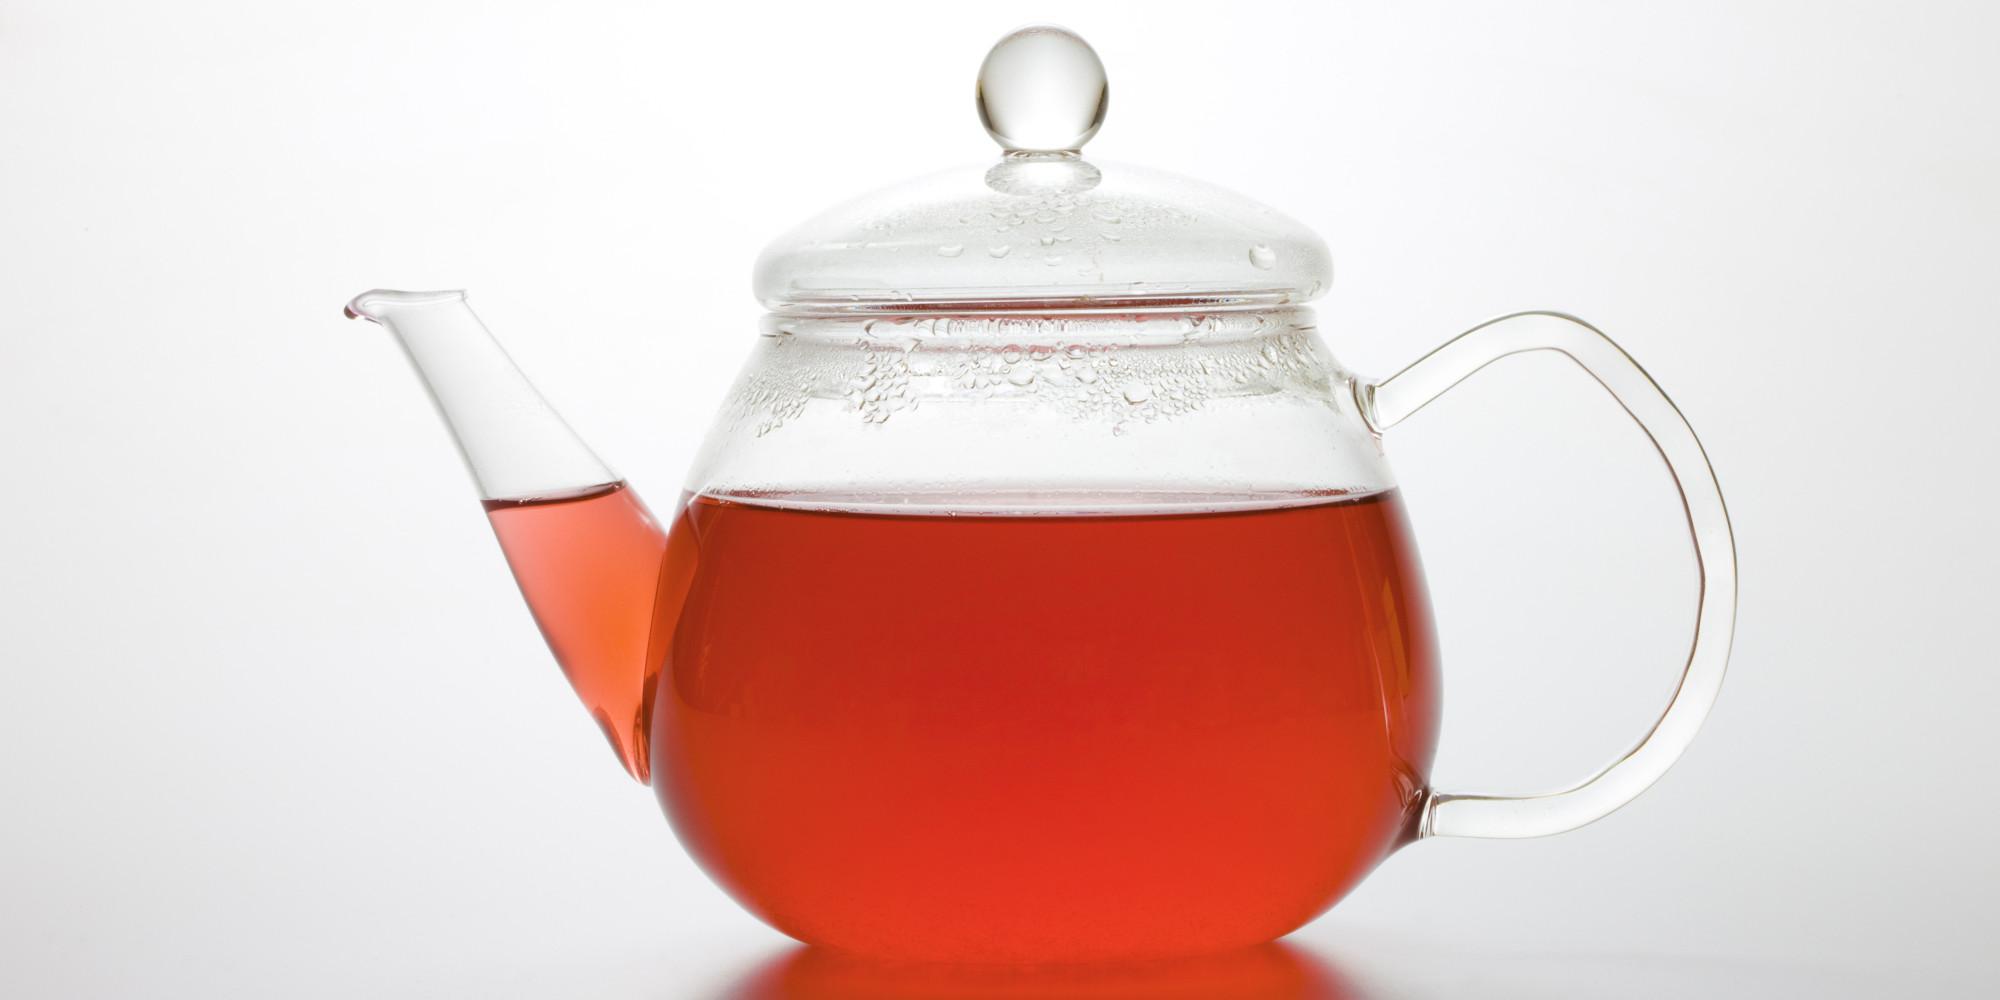 http://www.huffingtonpost.com/2014/12/11/reasons-to-drink-tea_n_6276862.html?utm_hp_ref=taste&ir=Taste